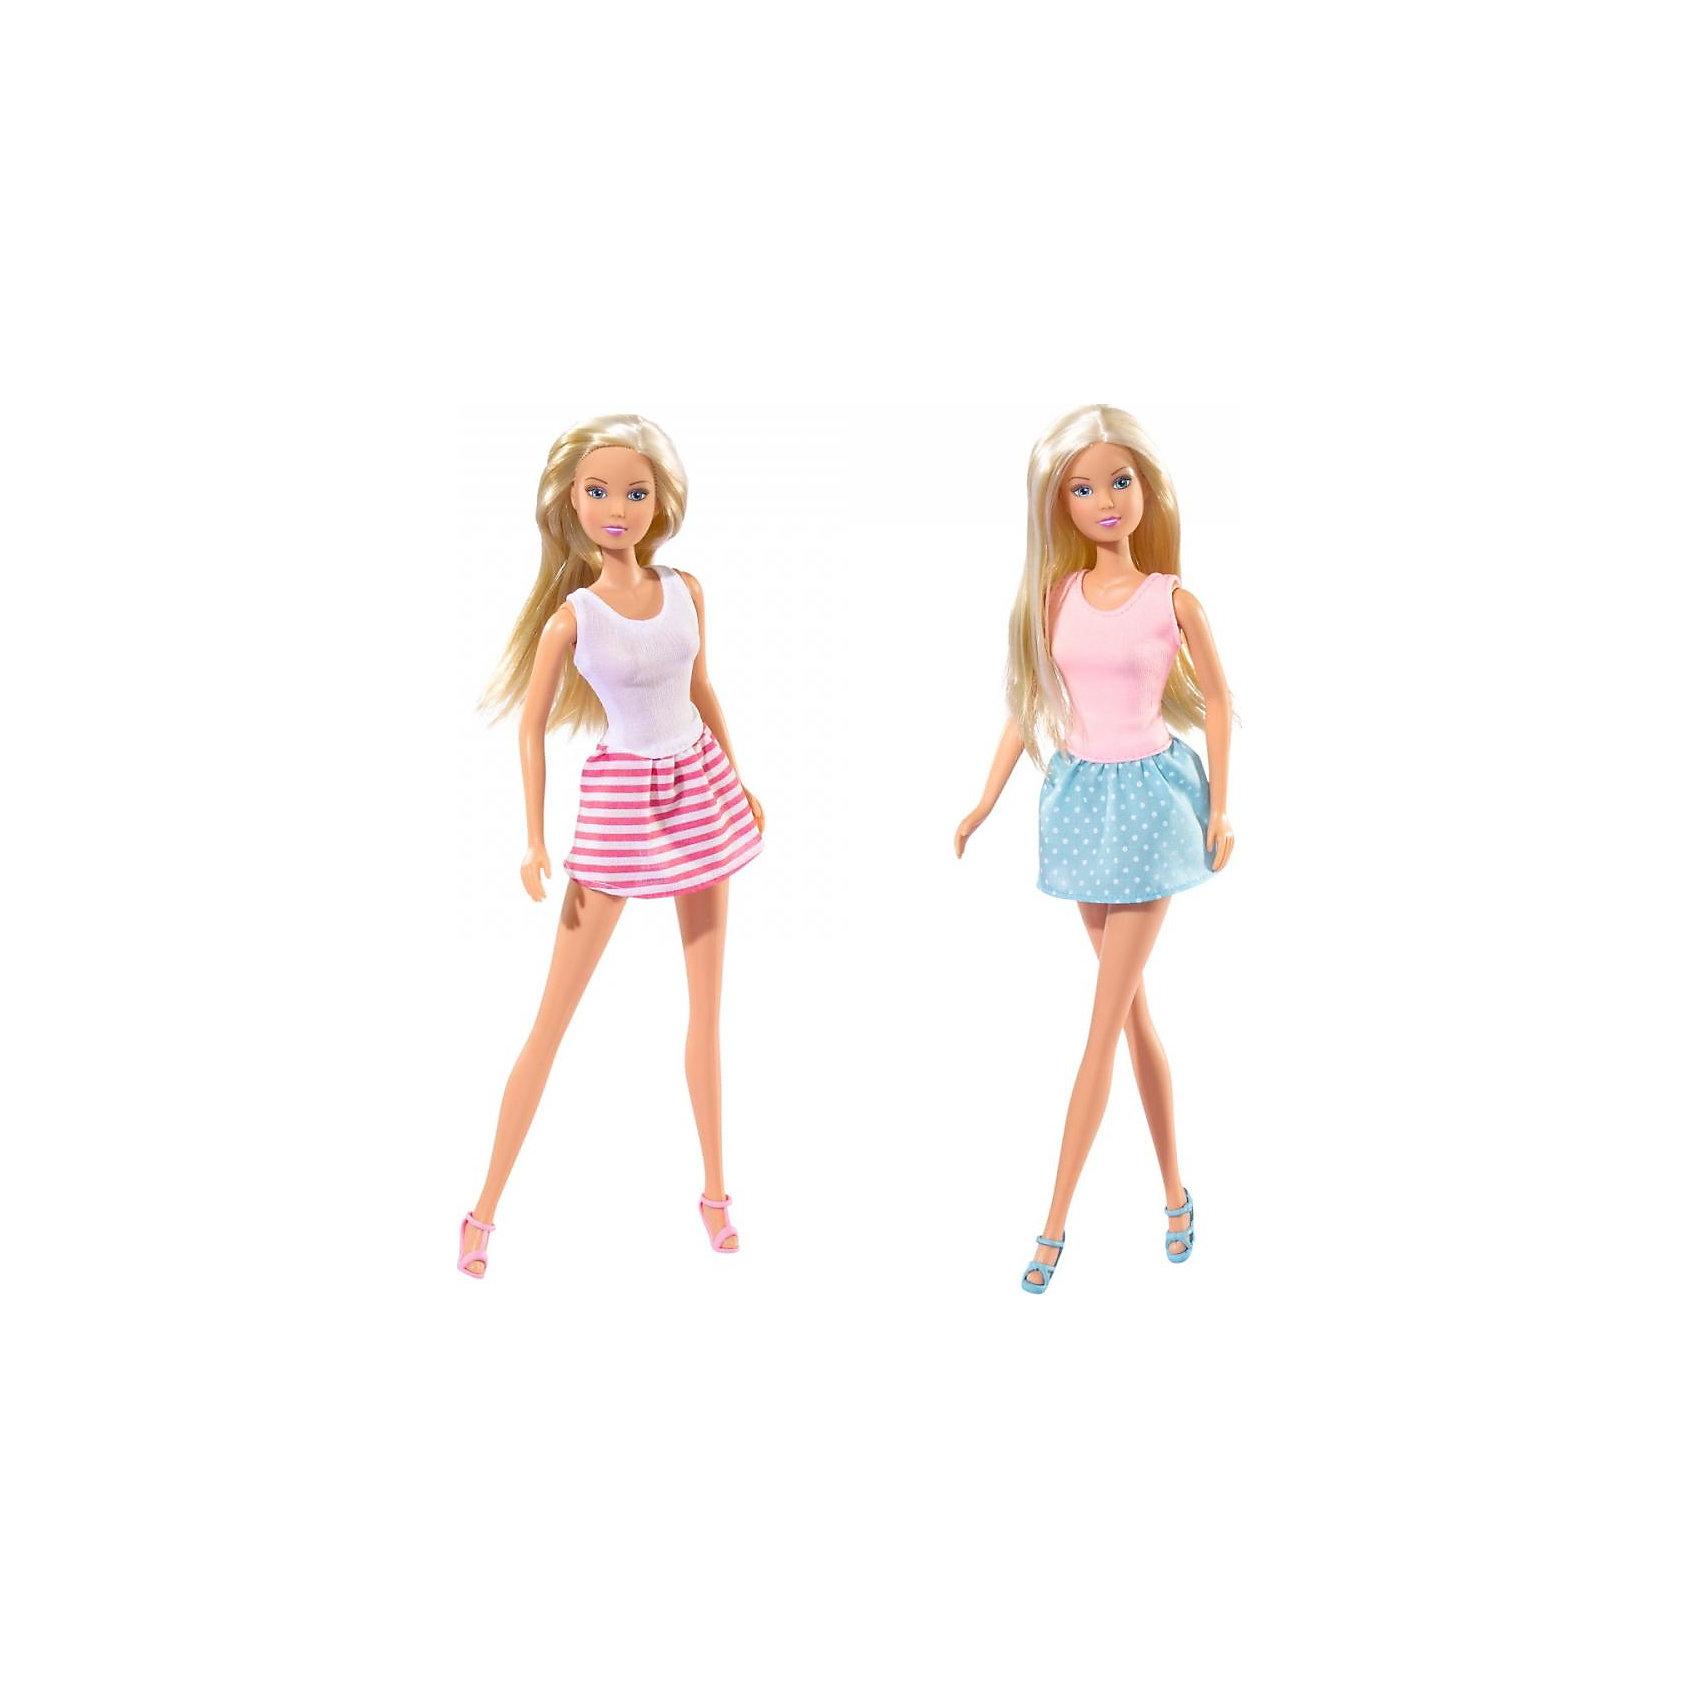 Кукла Штеффи - городская мода, SimbaБренды кукол<br>Характеристики товара:<br><br>- цвет: разноцветный;<br>- материал: пластик, текстиль;<br>- возраст: от трех лет;<br>- комплектация: кукла, аксессуары;<br>- высота куклы: 29 см.<br><br>Эта симпатичная кукла Штеффи от известного бренда не оставит девочку равнодушной! Какая девочка сможет отказаться поиграть с куклами, которые дополнены таким очаровательным нарядом?! В набор входит одежда для куклы. Игрушка очень качественно выполнена, поэтому она станет замечательным подарком ребенку. <br>Продается набор в красивой удобной упаковке. Игры с куклами помогают девочкам развить важные навыки и отработать модели социального взаимодействия. Изделие произведено из высококачественного материала, безопасного для детей.<br><br>Куклу Штеффи - городская мода, 29 см, от бренда Simba можно купить в нашем интернет-магазине.<br><br>Ширина мм: 45<br>Глубина мм: 95<br>Высота мм: 325<br>Вес г: 200<br>Возраст от месяцев: 36<br>Возраст до месяцев: 84<br>Пол: Женский<br>Возраст: Детский<br>SKU: 2270179